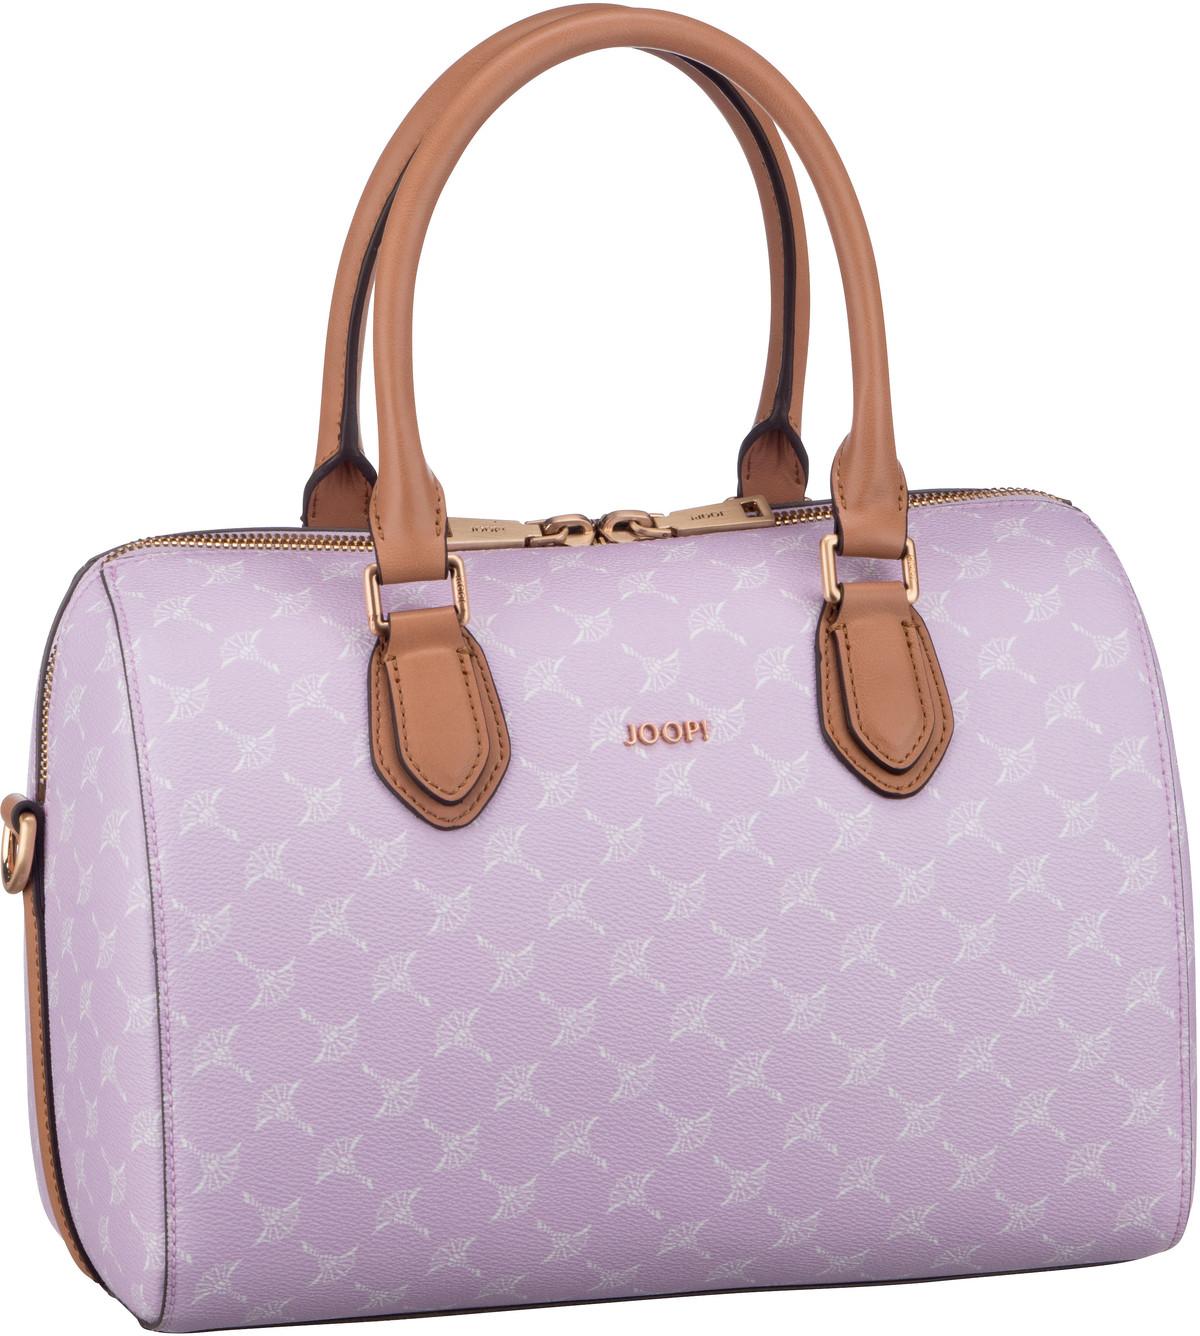 Handtasche Cortina Aurora HandBag S Lavender